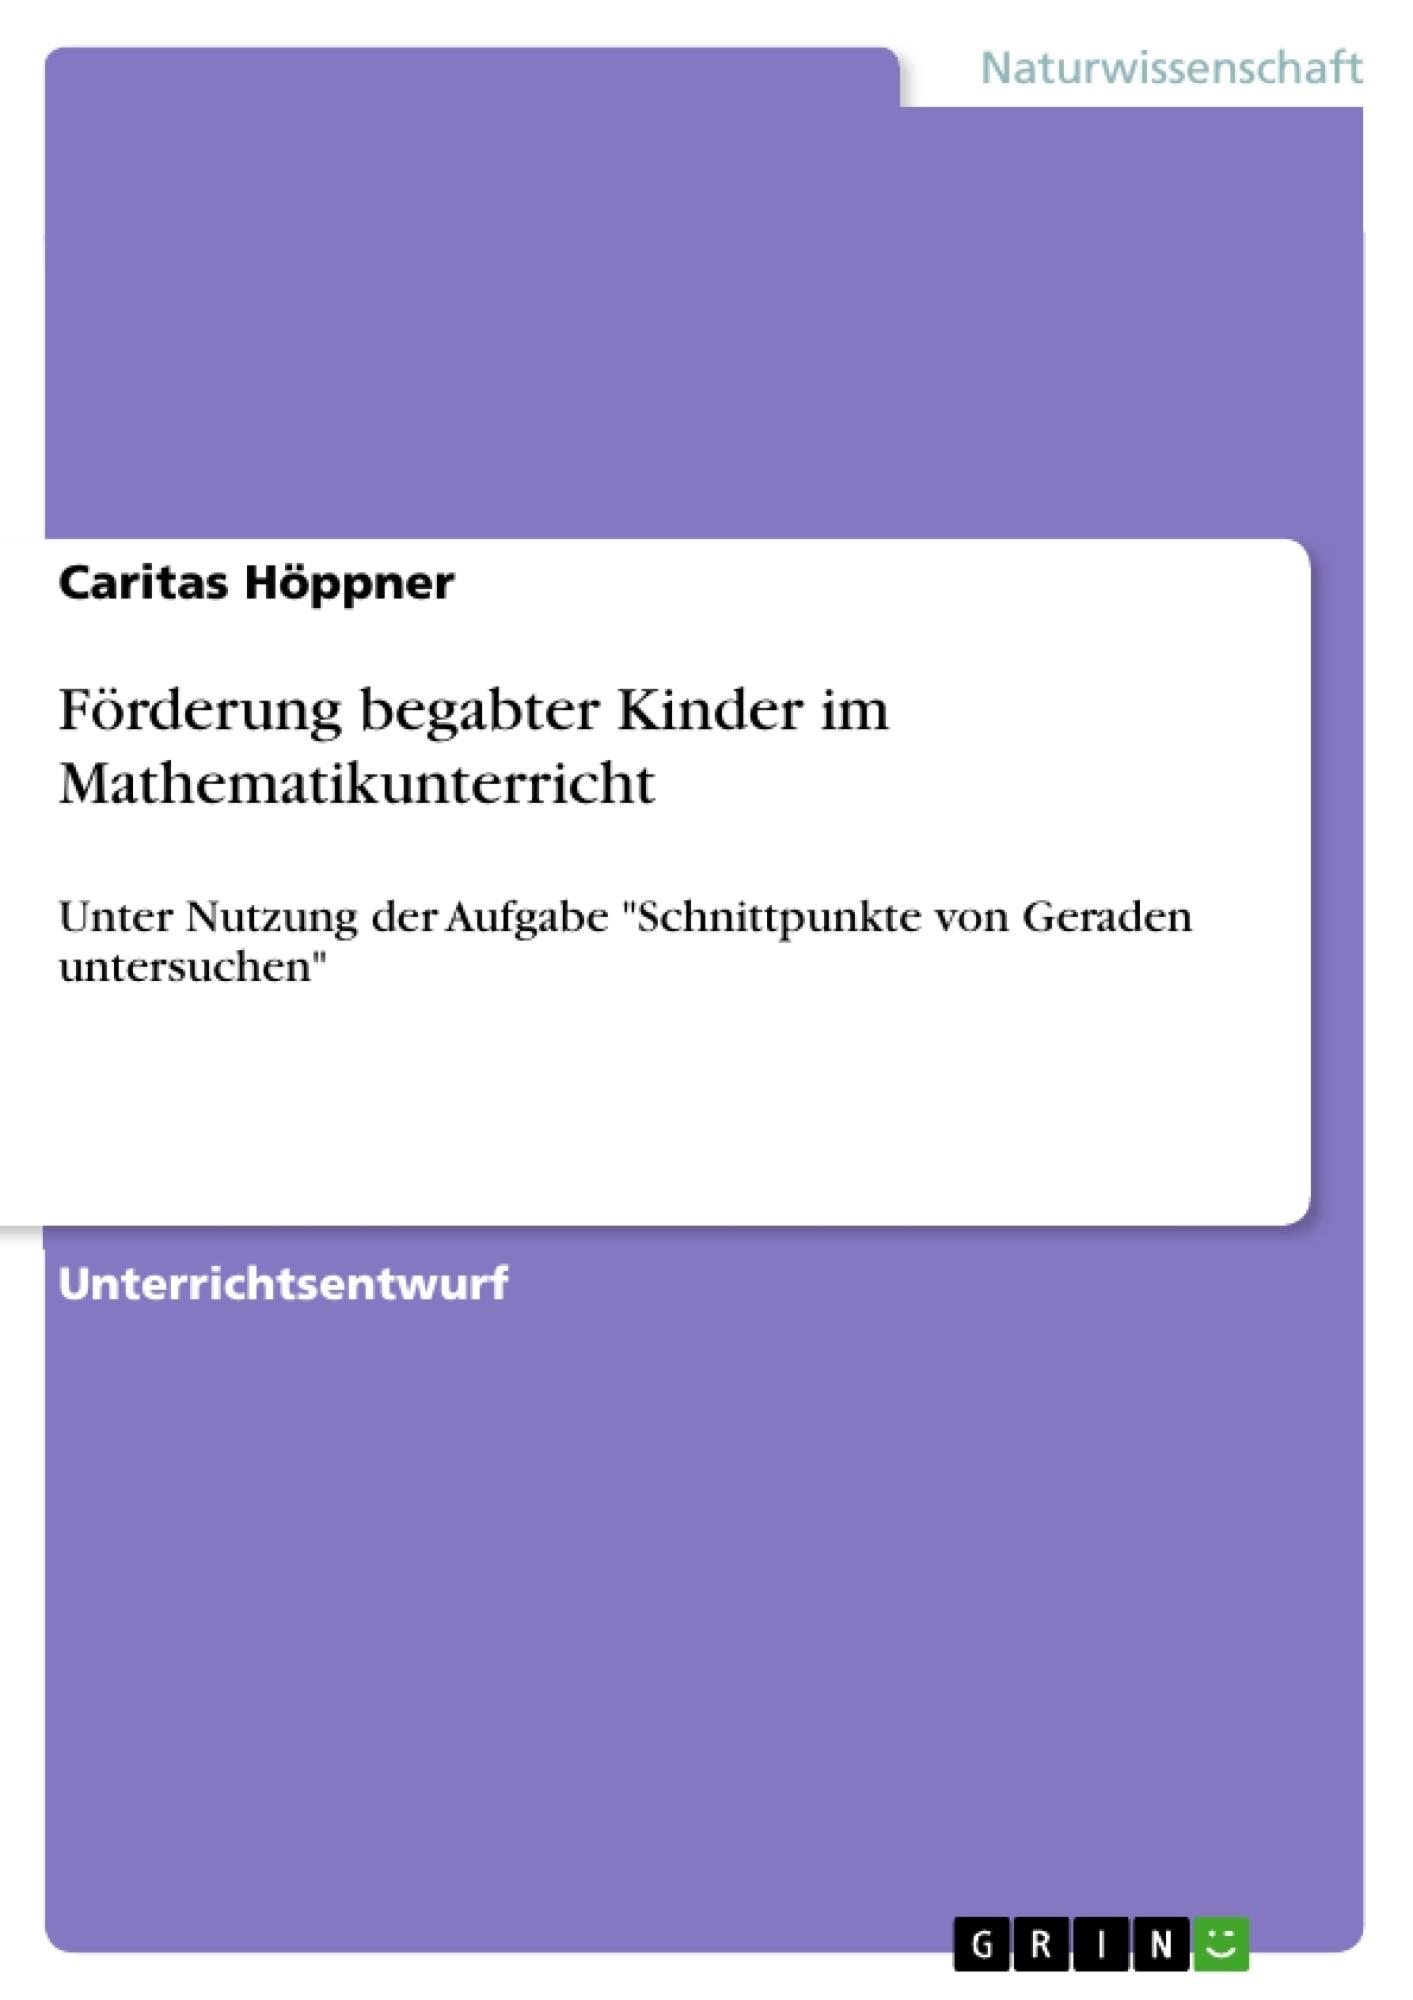 Titel: Förderung begabter Kinder im Mathematikunterricht